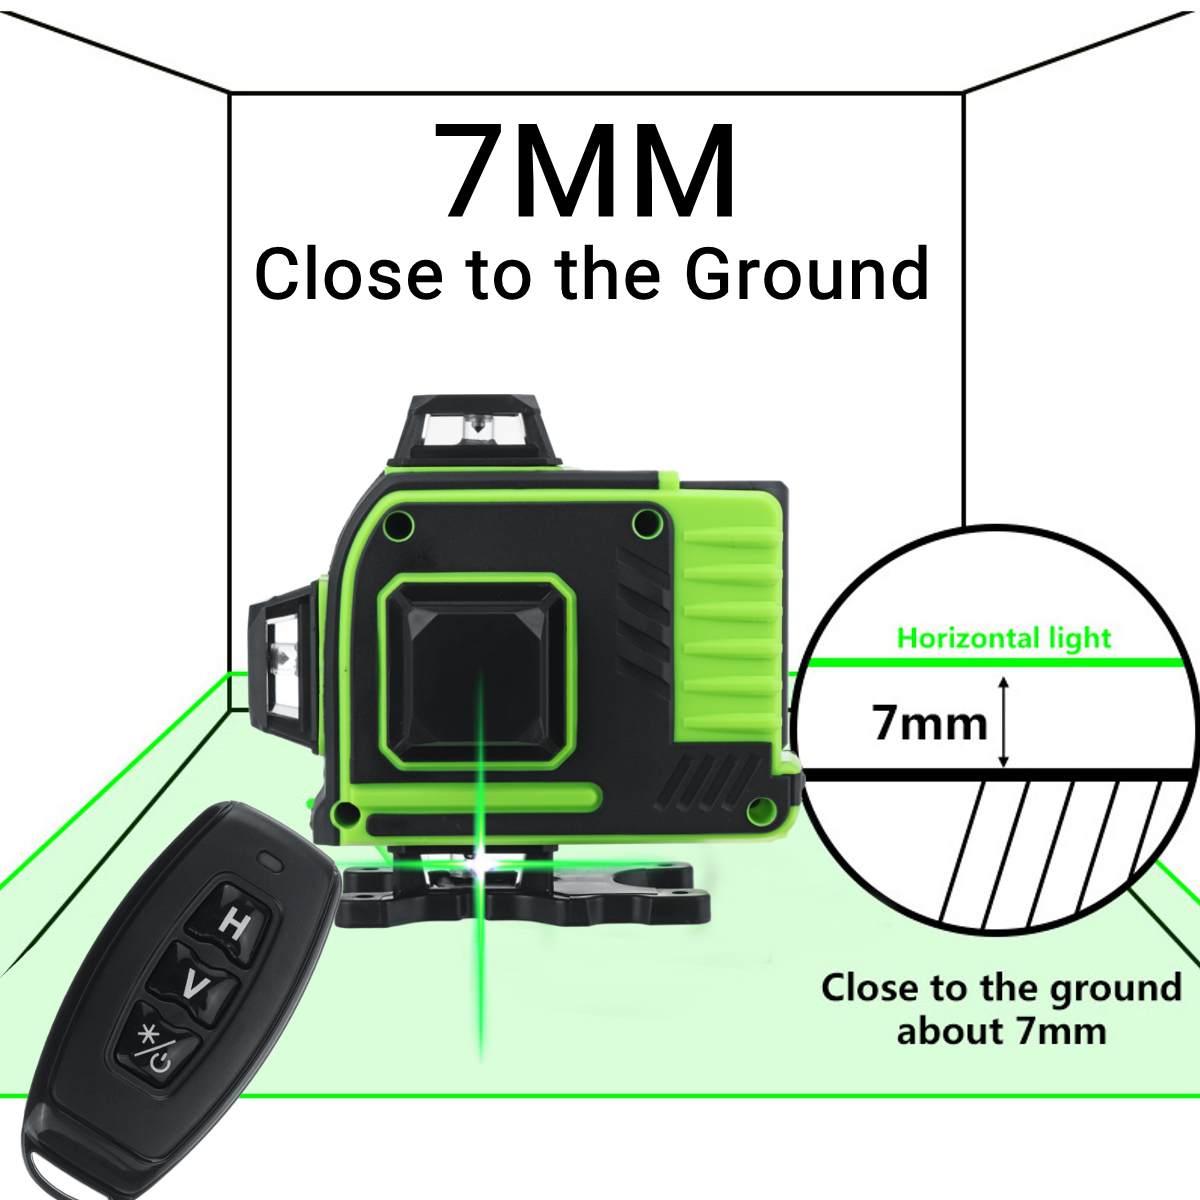 16 linie 360 Horizontale Vertikale Kreuz 3D Grünes Licht Laser Ebene Selbst Nivellierung Messen Super Leistungsstarke Laser Strahl